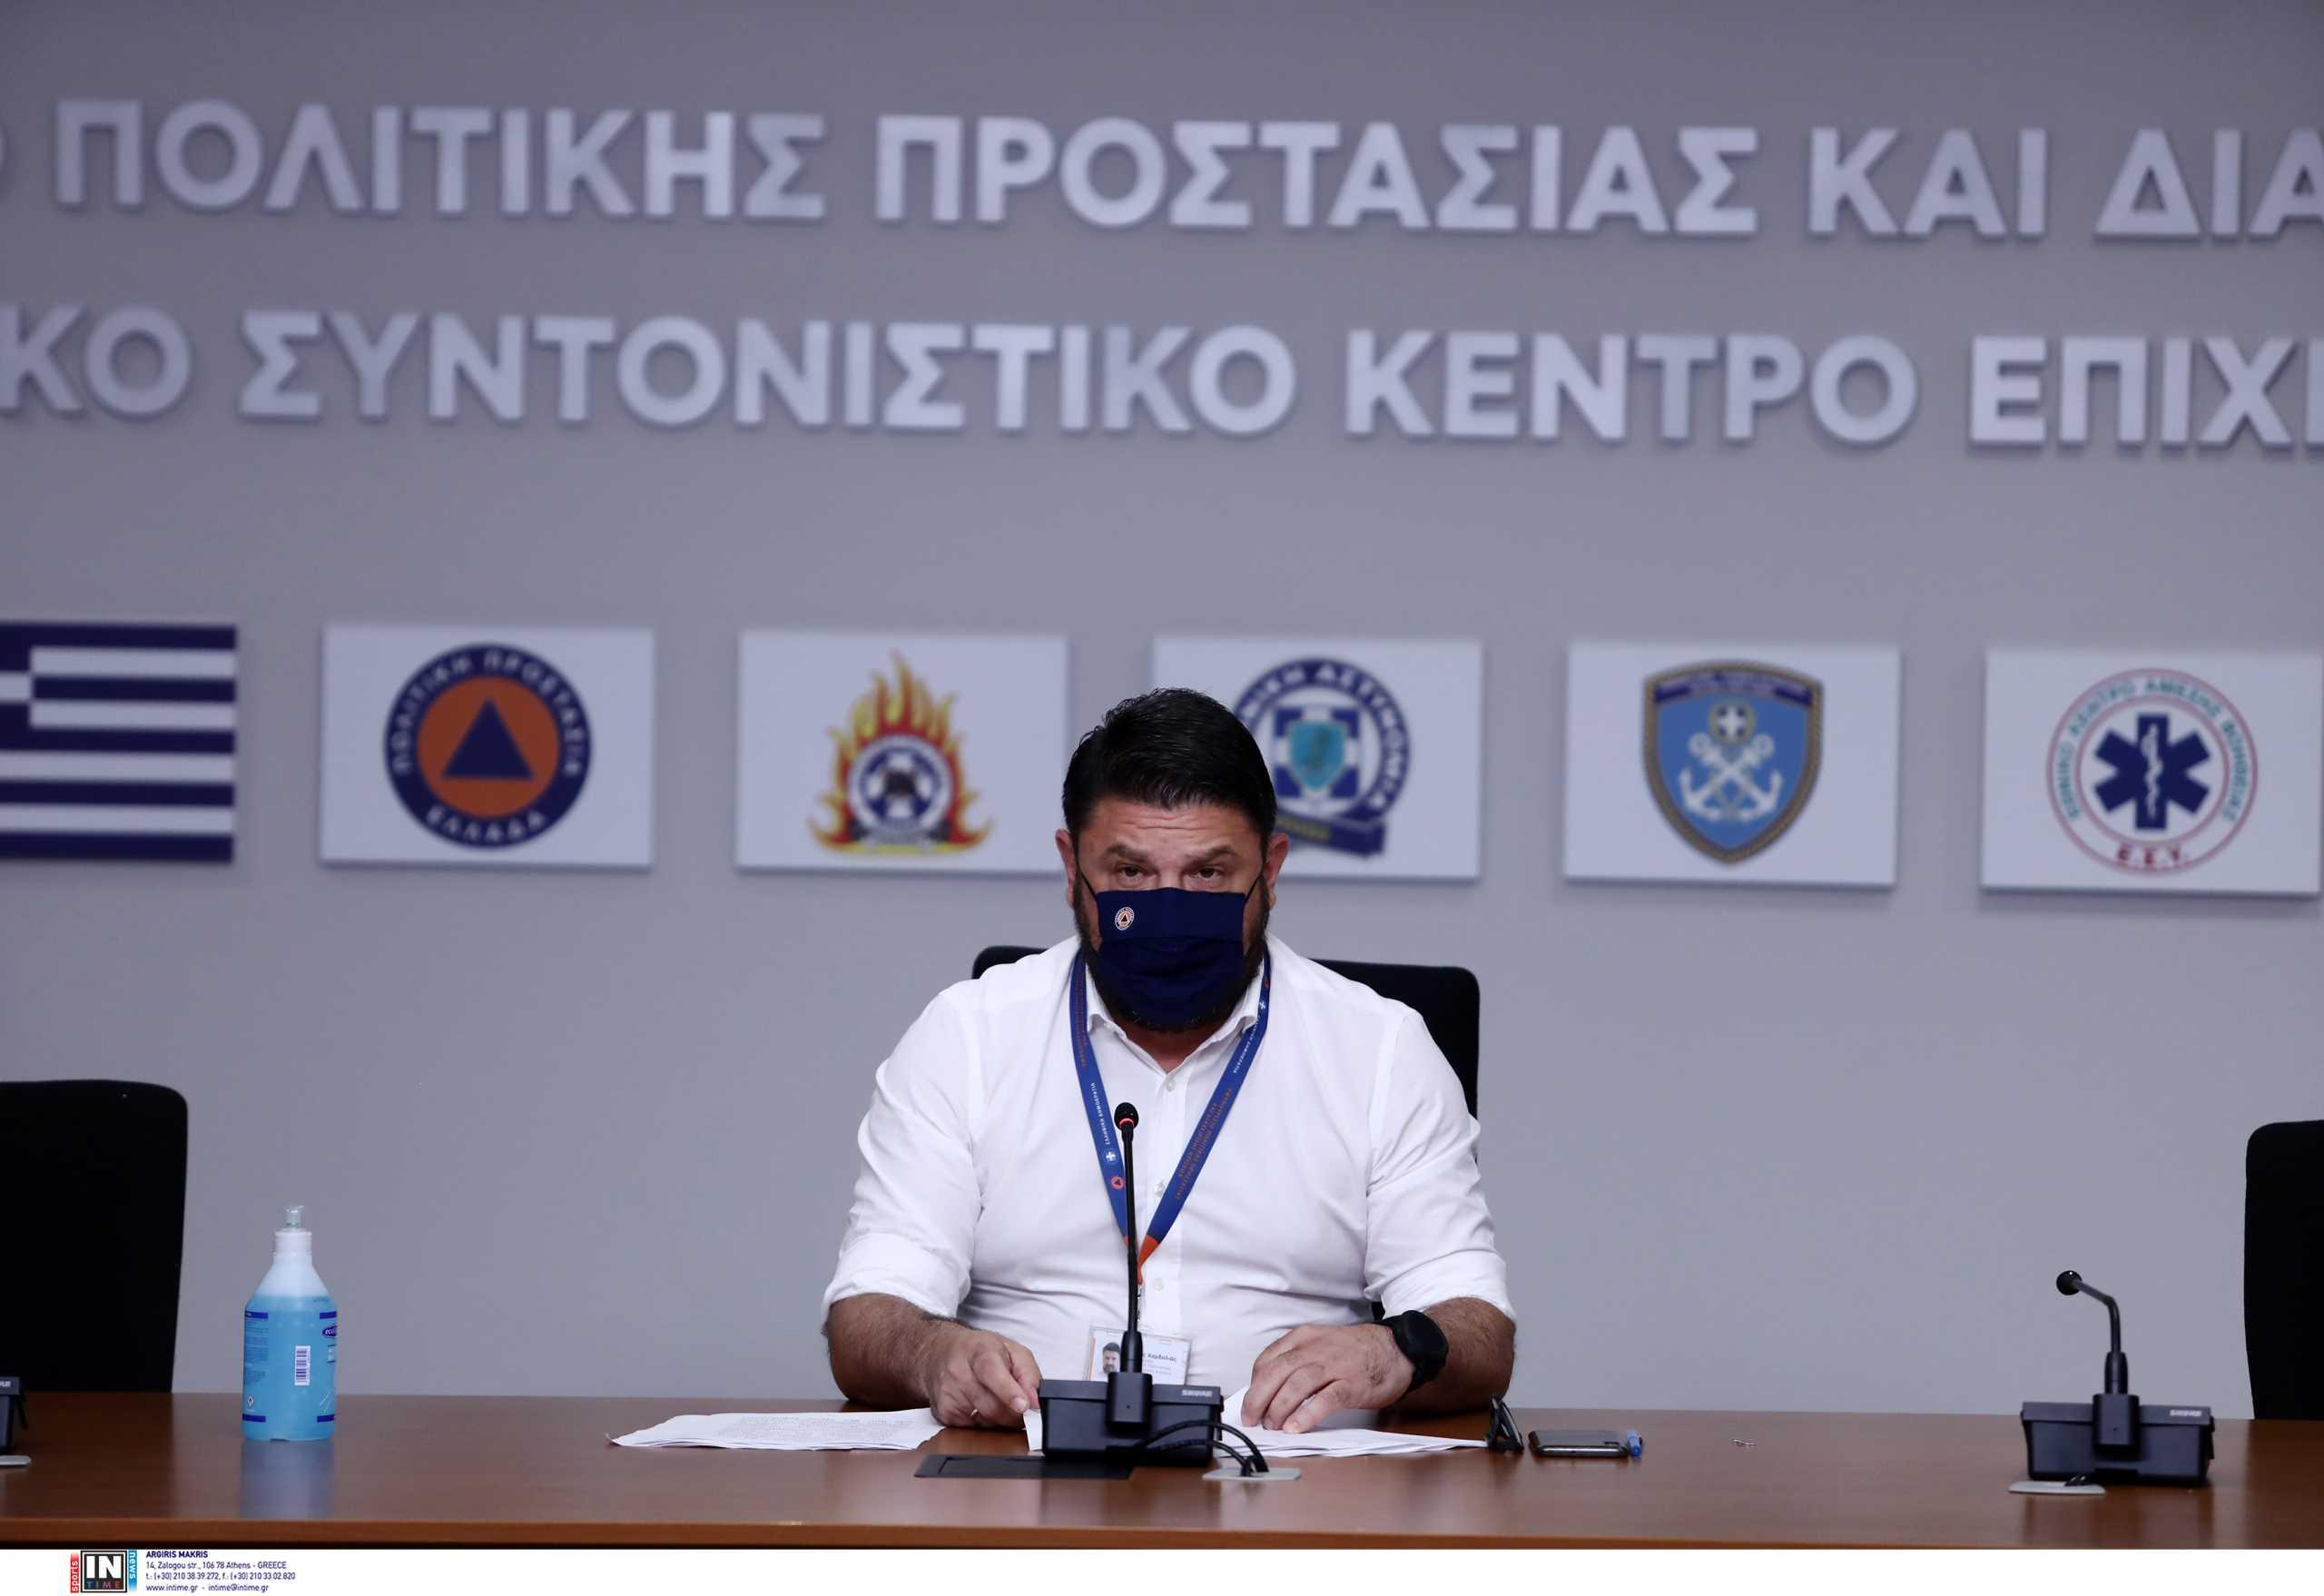 Φωτιά στην Εύβοια: Ο Νίκος Χαρδαλιάς απάντησε για τα εναέρια μέσα